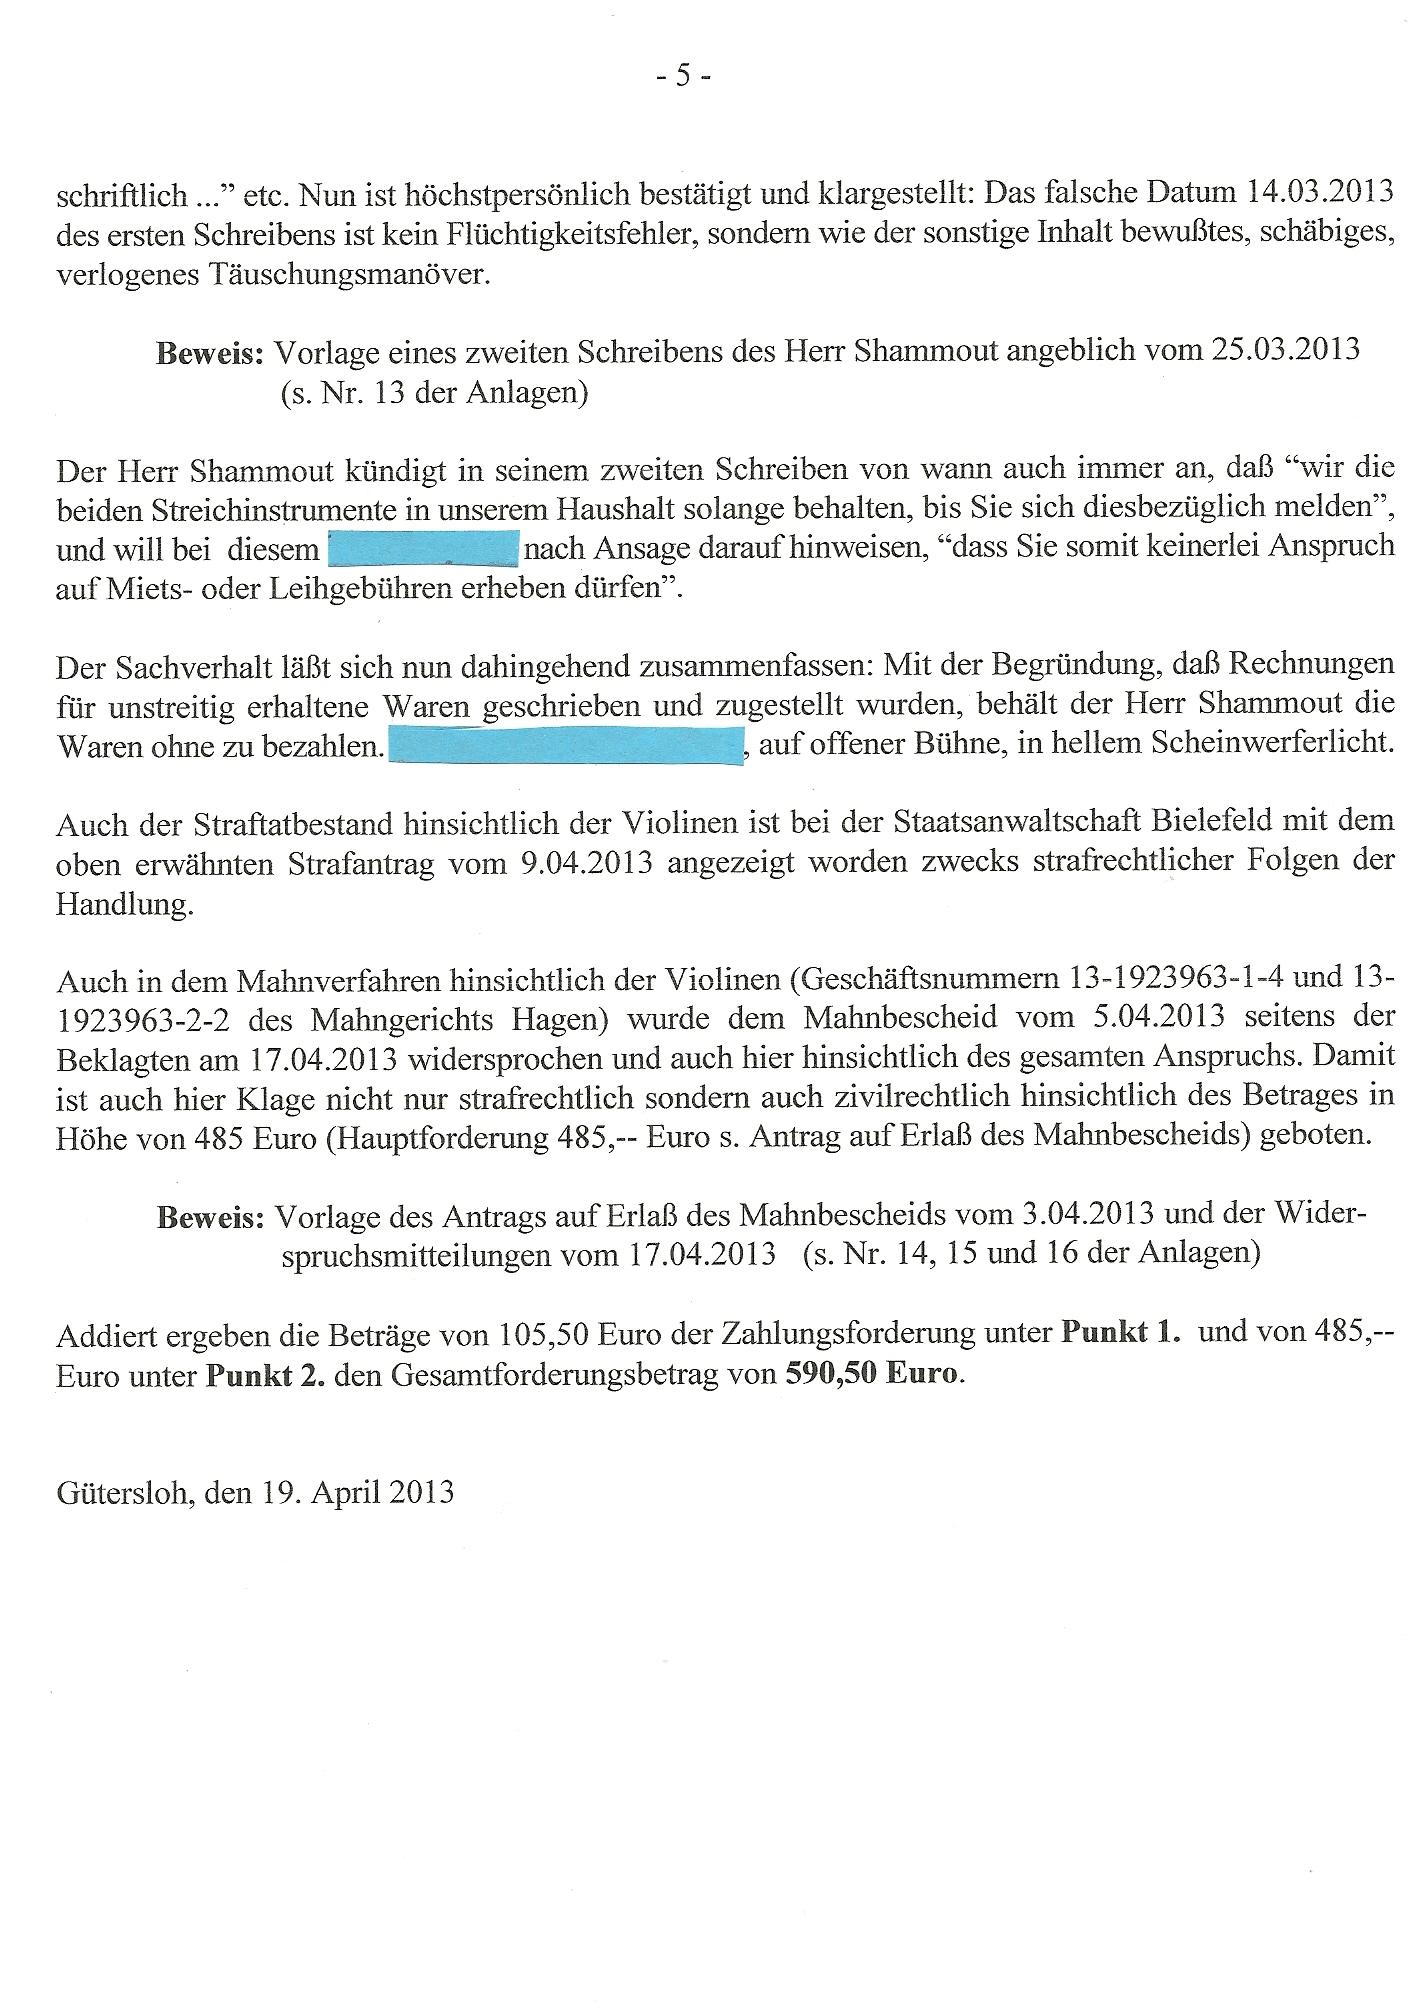 Niedlich Schriftliche Aussage Vorlage Galerie - Entry Level Resume ...